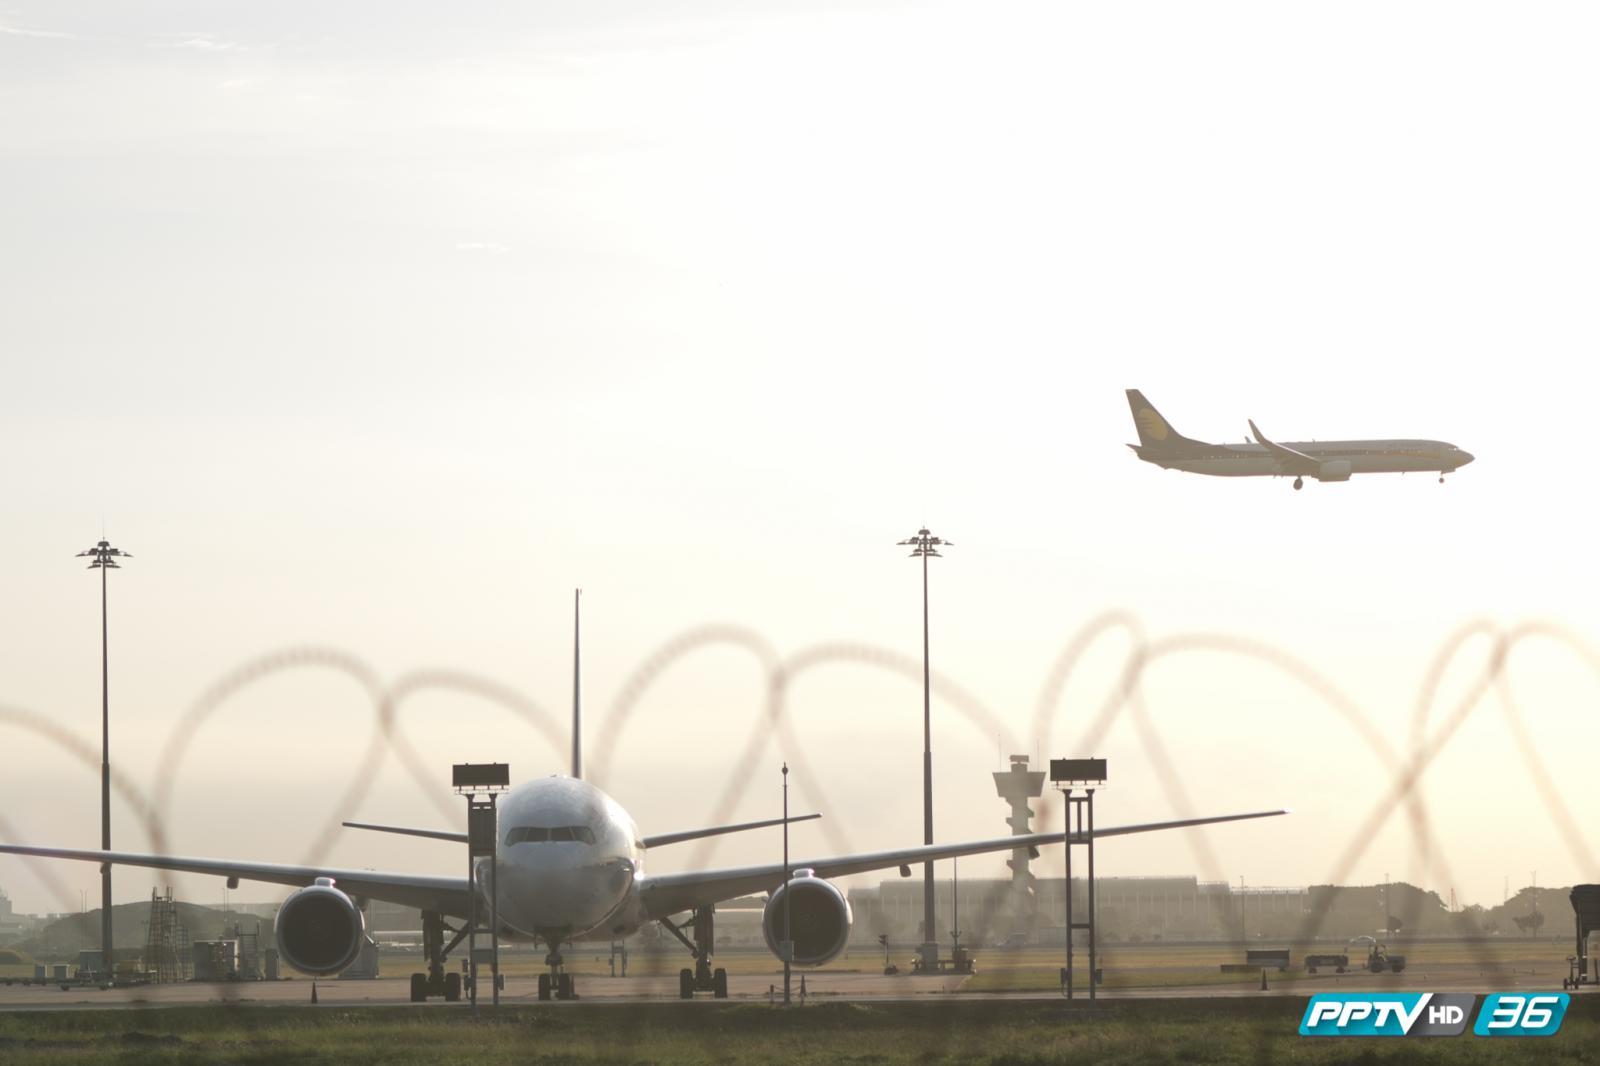 วิทยุการบินฯ เผย เตรียมมาตรการรับมือปรับปรุงทางวิ่งสุวรรณภูมิ 3 มี.ค.- 2 พ.ค. นี้